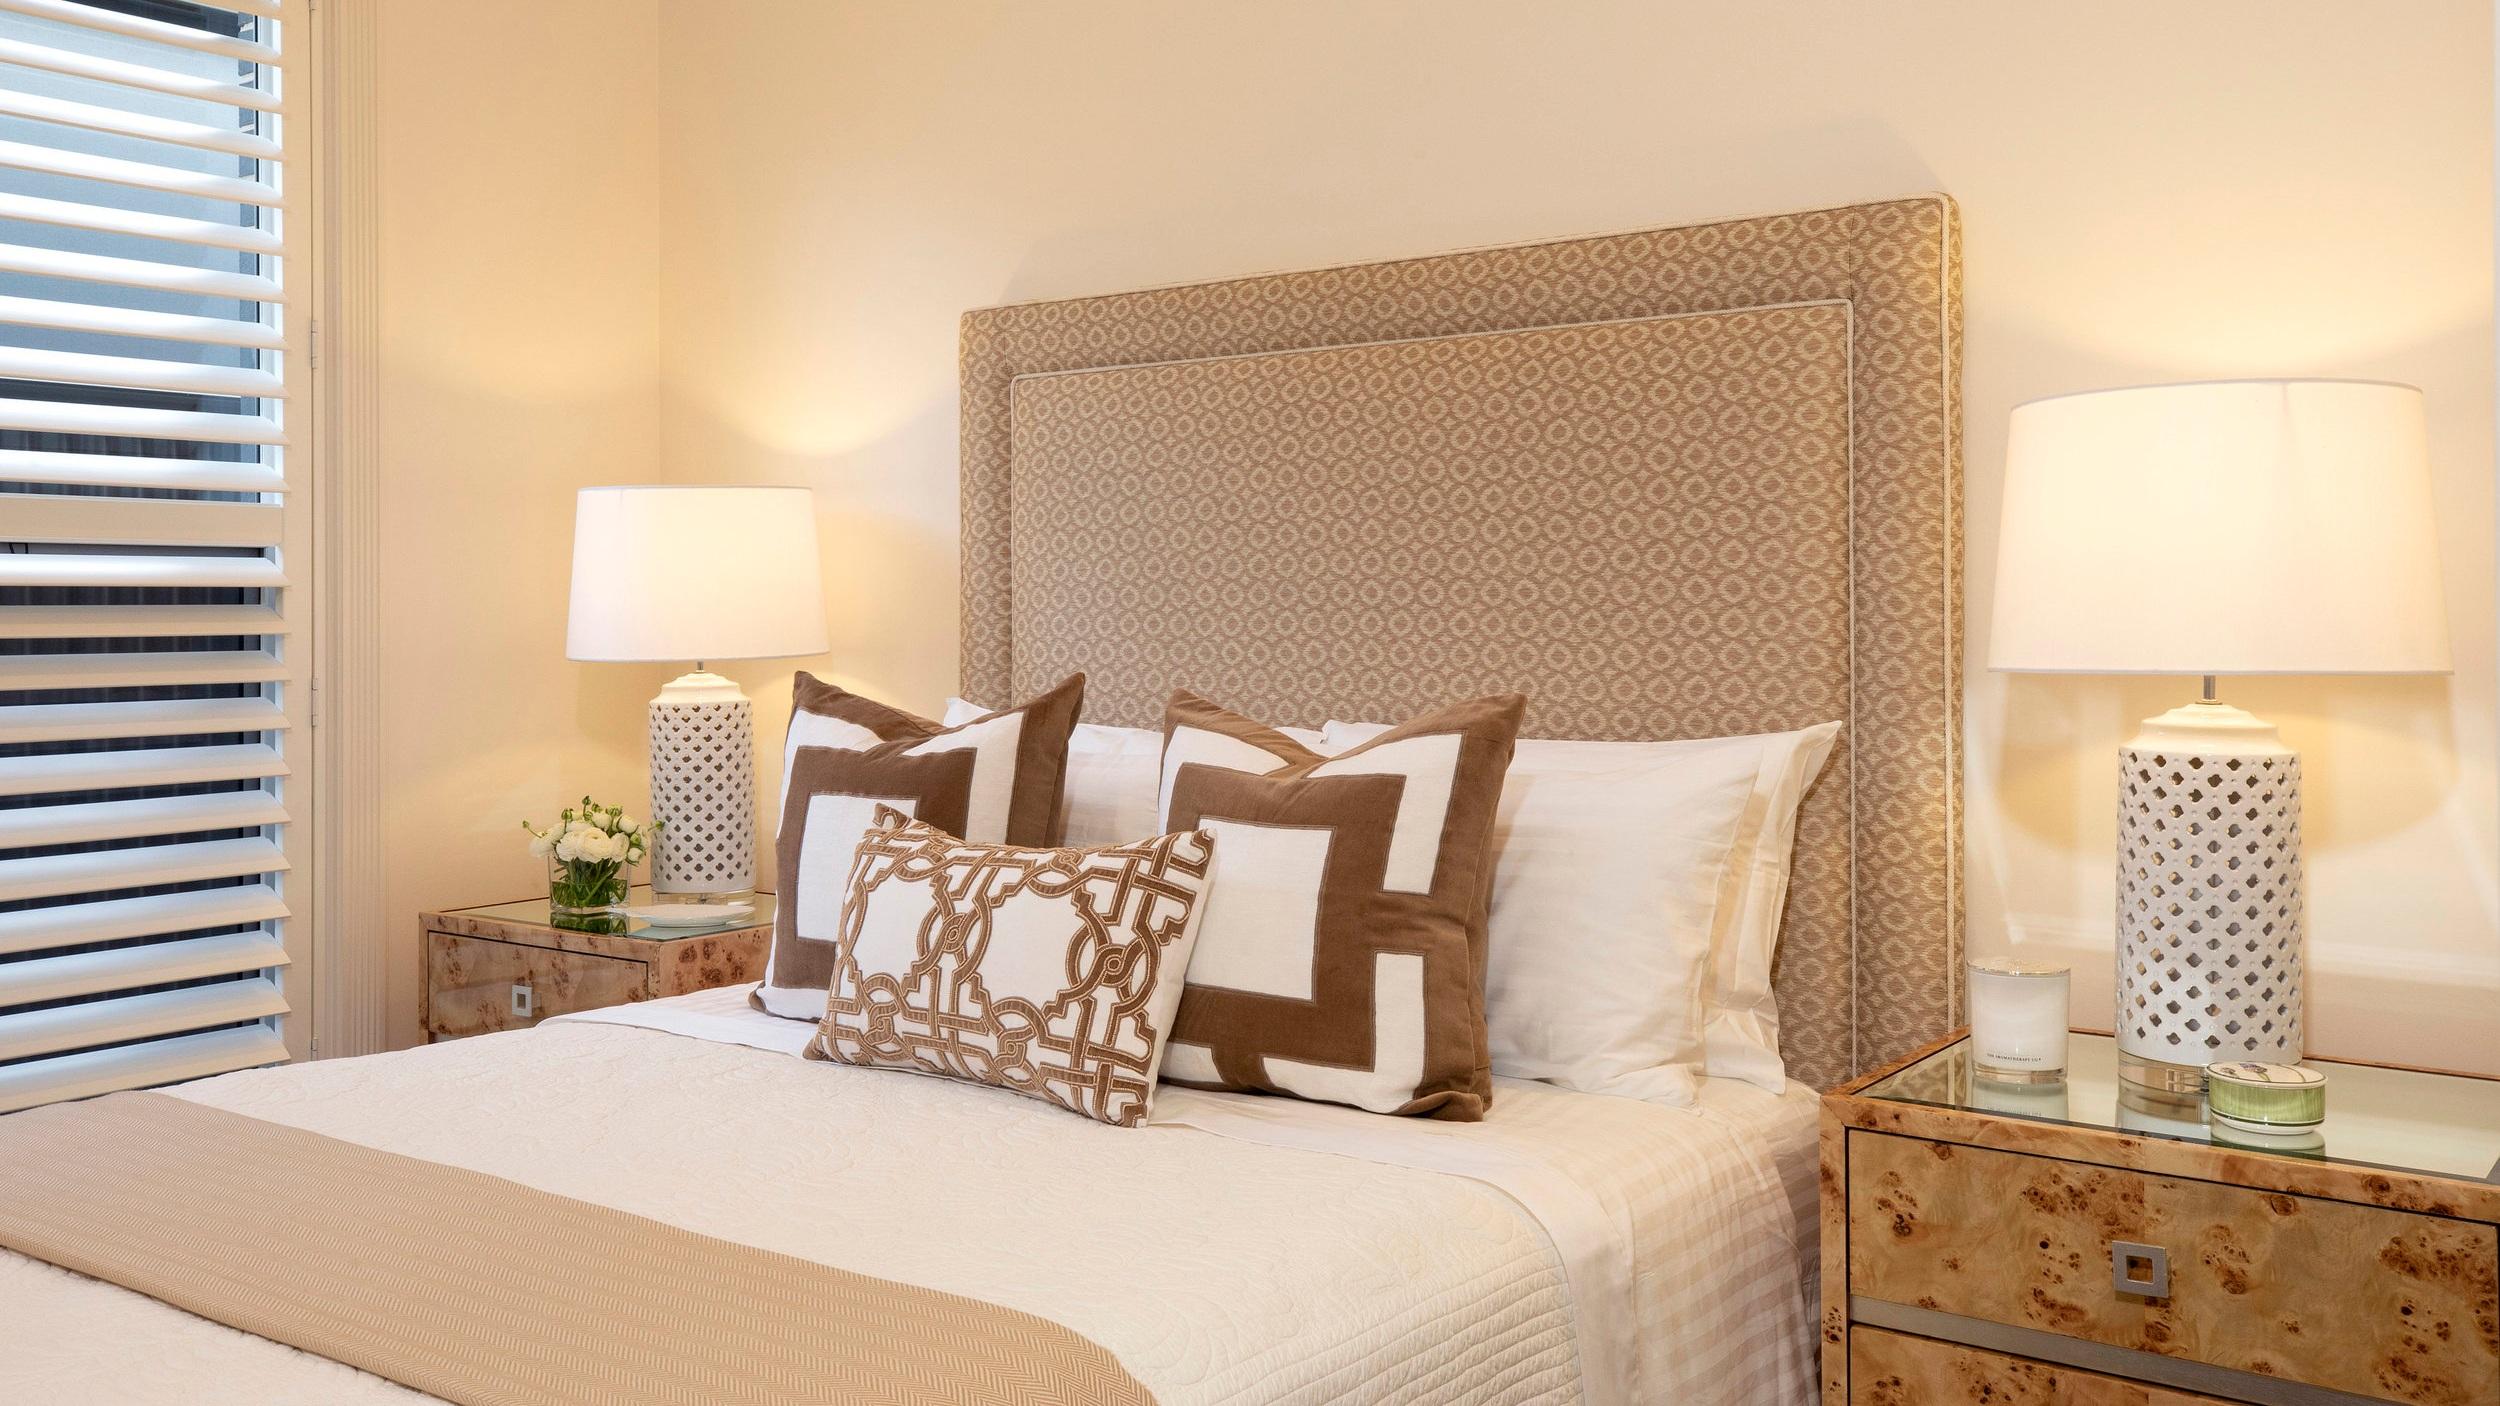 Carrie+Deverson+Interiors_Bedroom+2